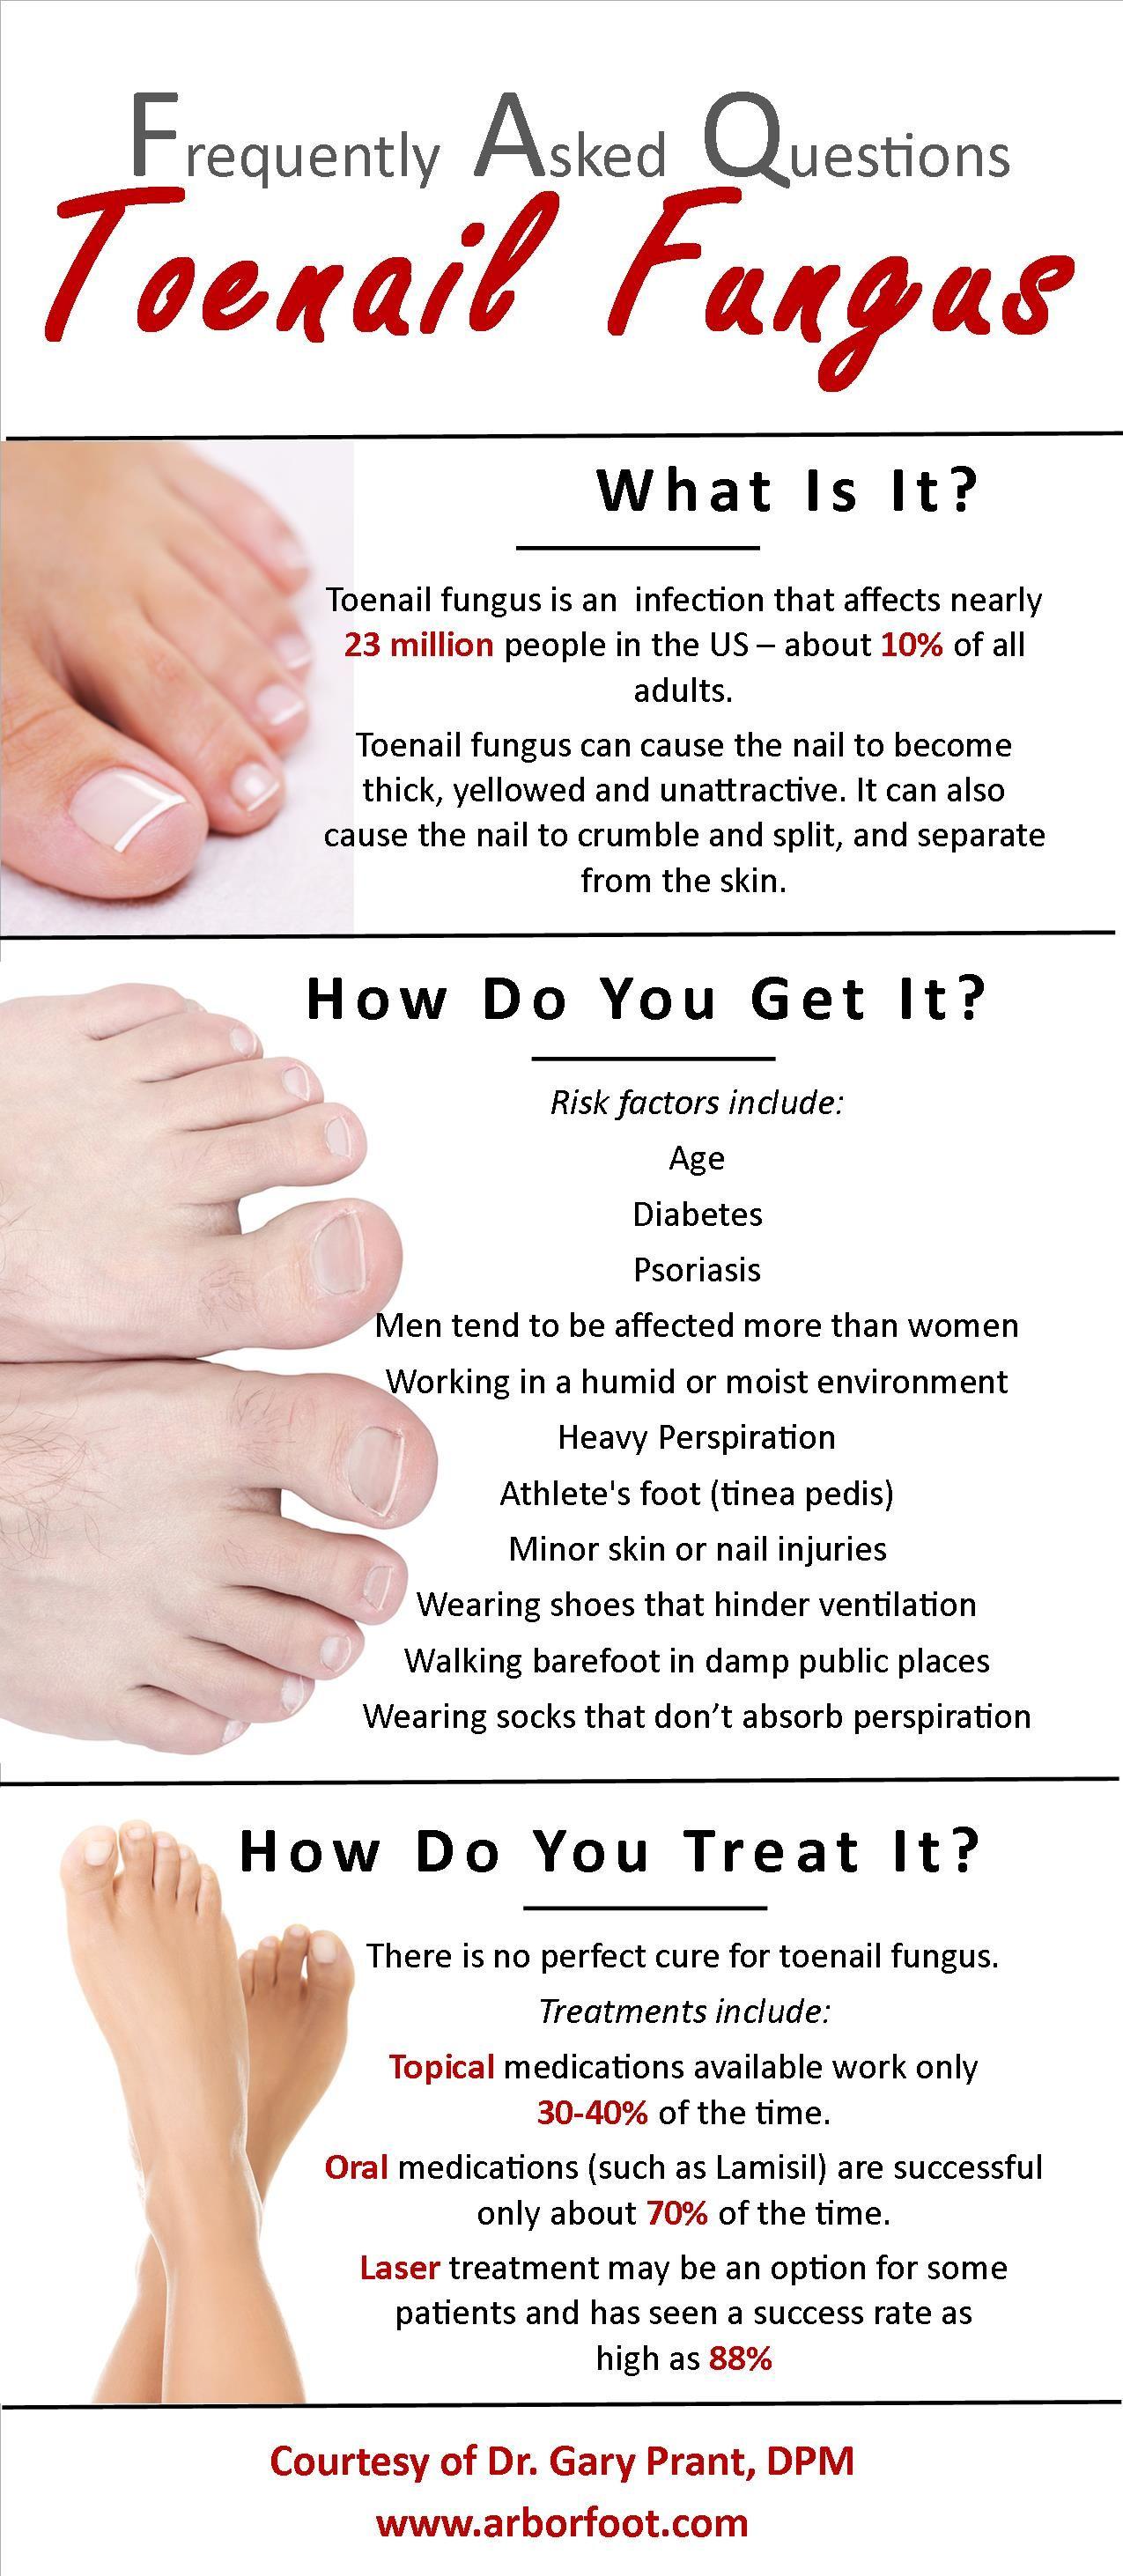 Shenandoah Podiatry Nail Disorders Manual Guide